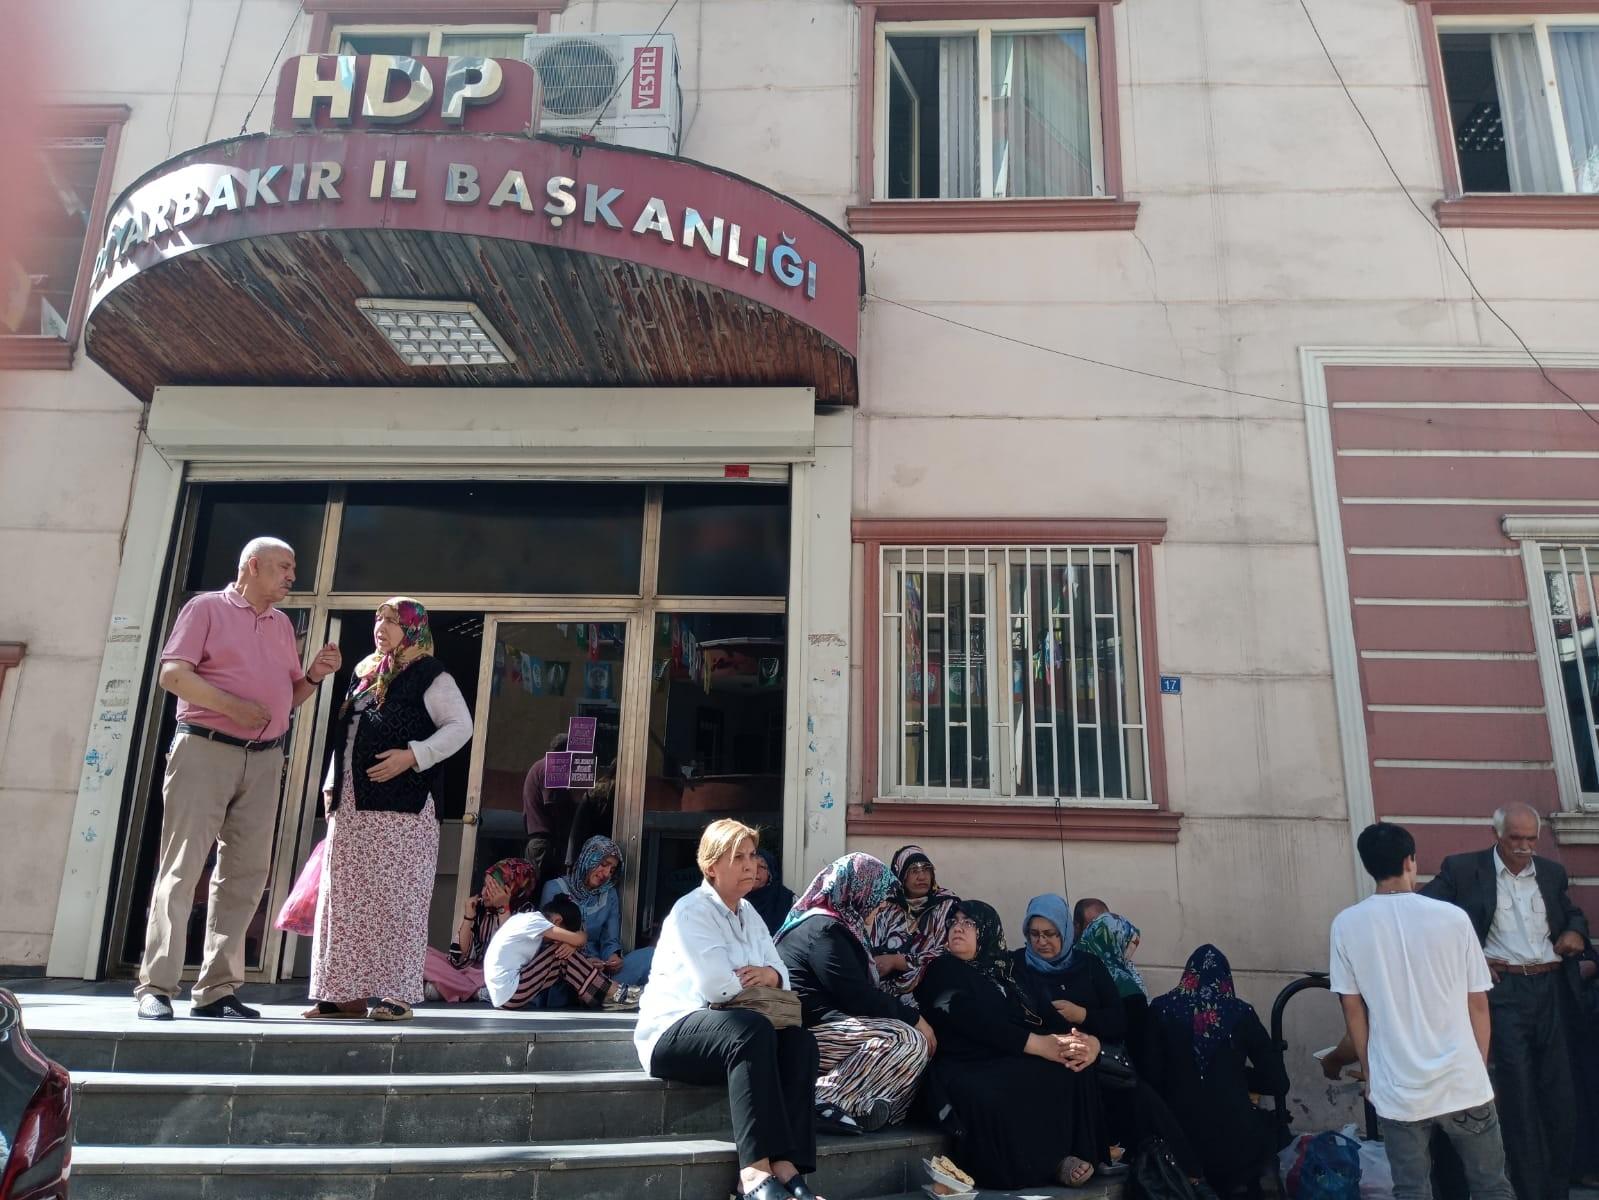 Evlat nöbeti tutan Diyarbakır anneleri HDP İl Başkanı'na isyan etti!